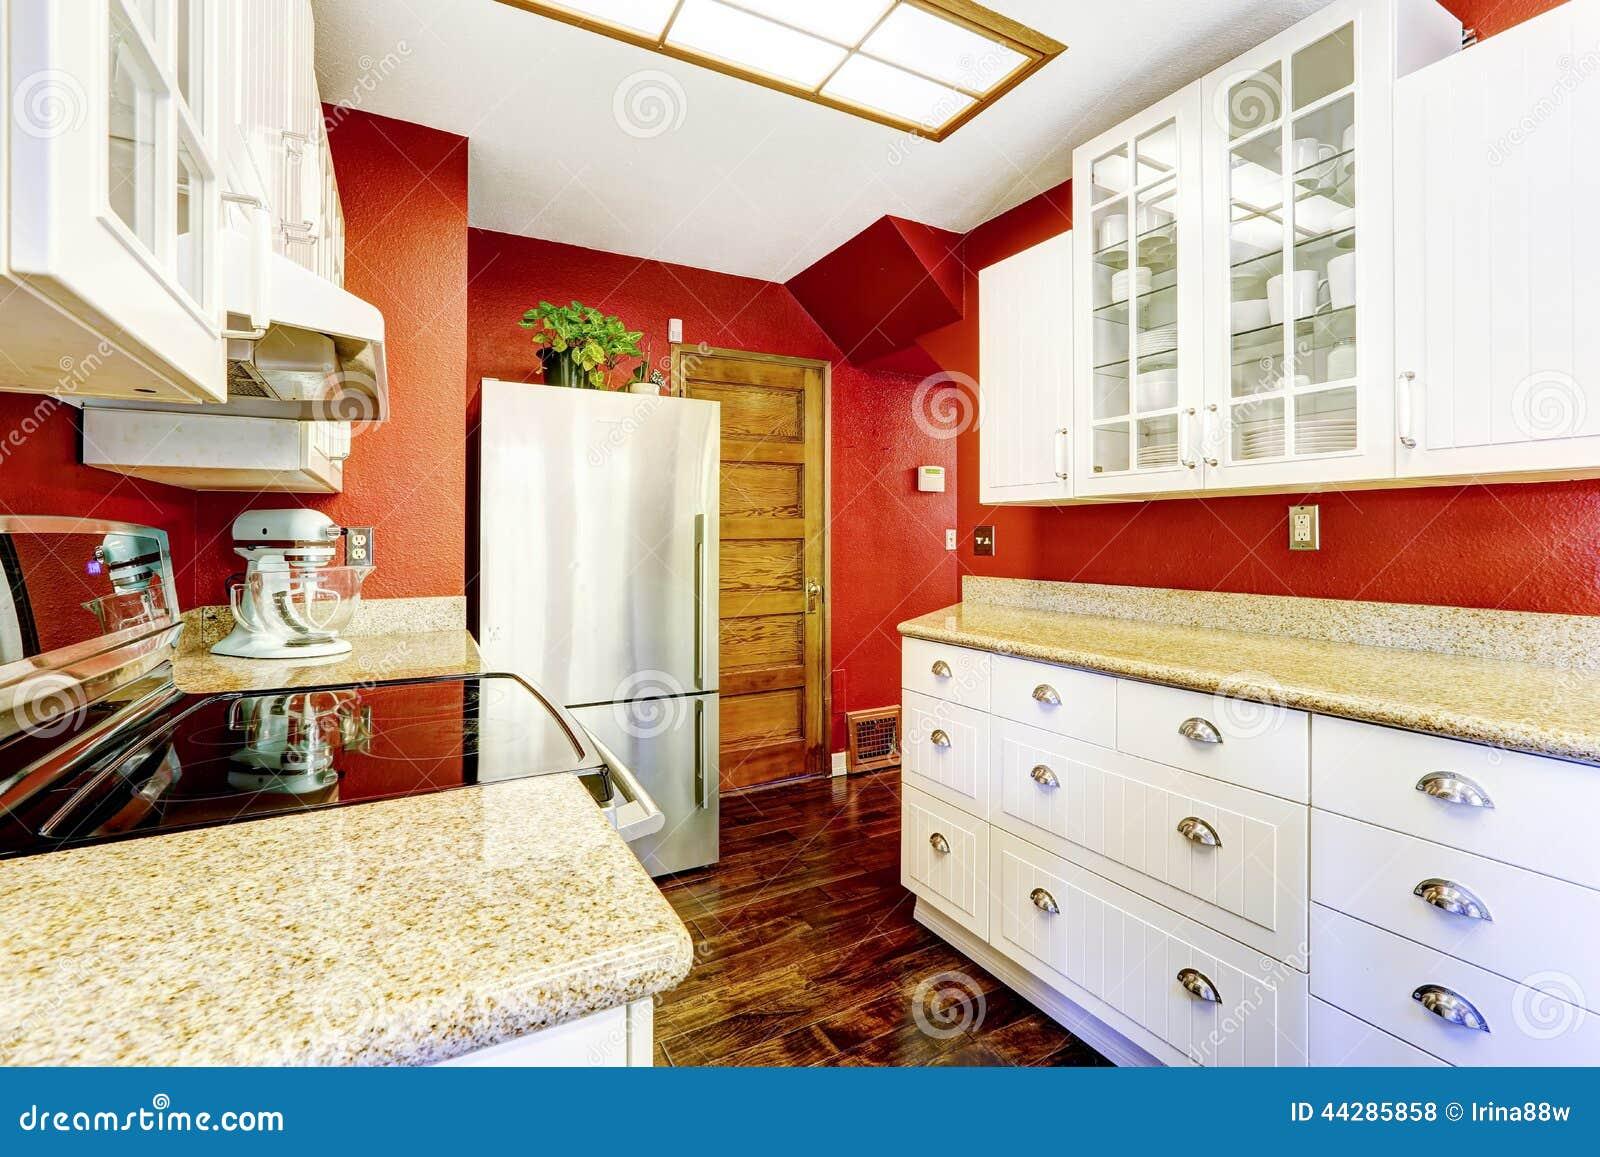 Parete Cucina Bianca : Parete cucina rossa stanza bianca della con le ...